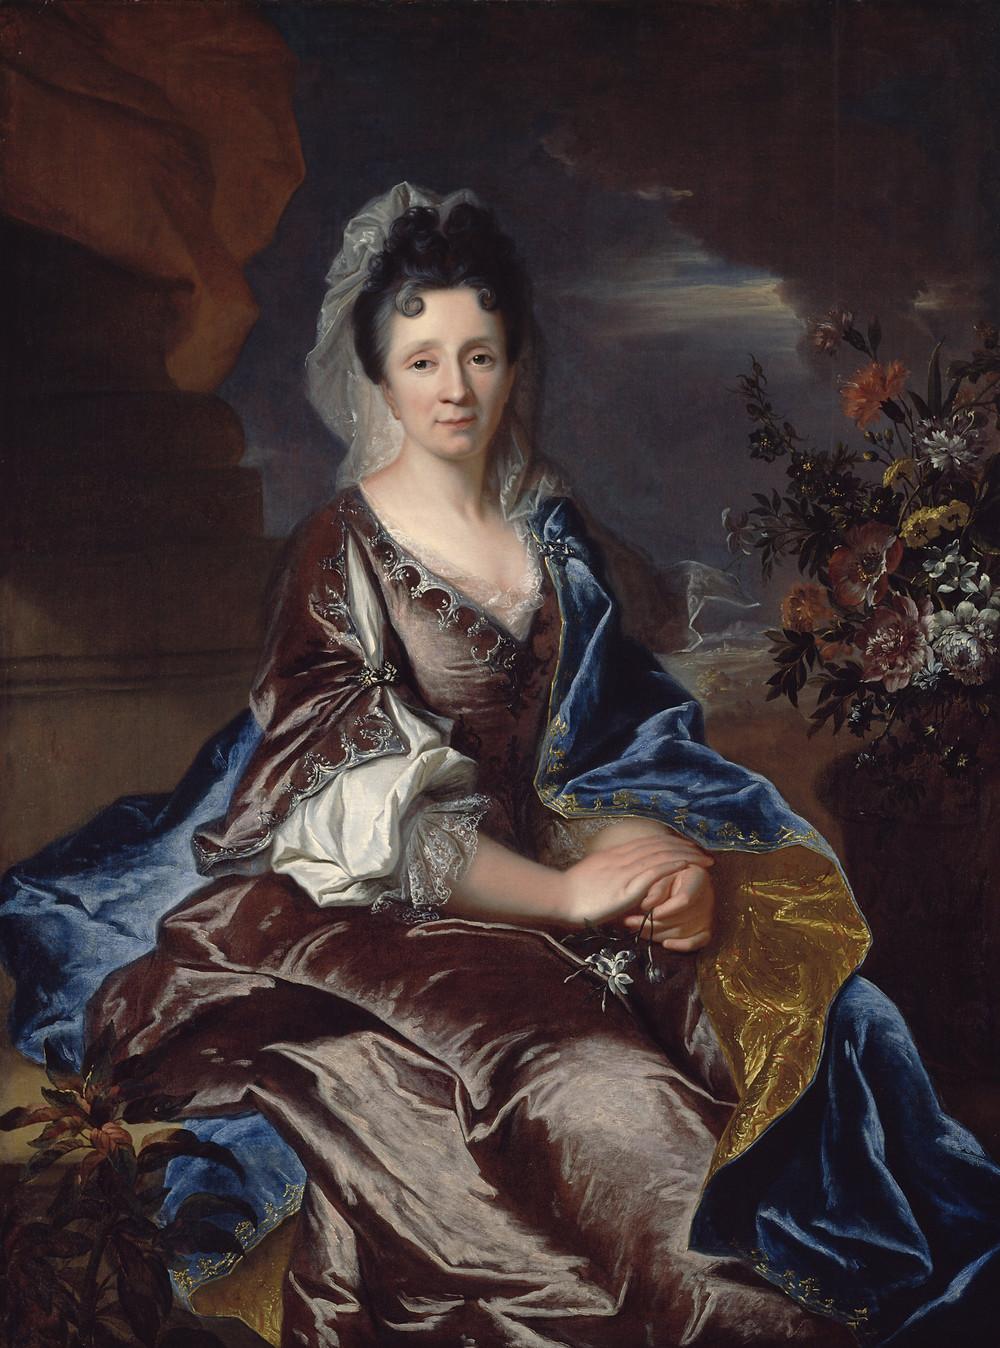 Hyacinthe Rigaud avec la collaboration de B. Monmorency, Portrait d'Esther d'Usson de Bonnac, 1706-1707, États-Unis, Kansas City, The Nelson-AtkinsMuseum of Art, inv. F77-14